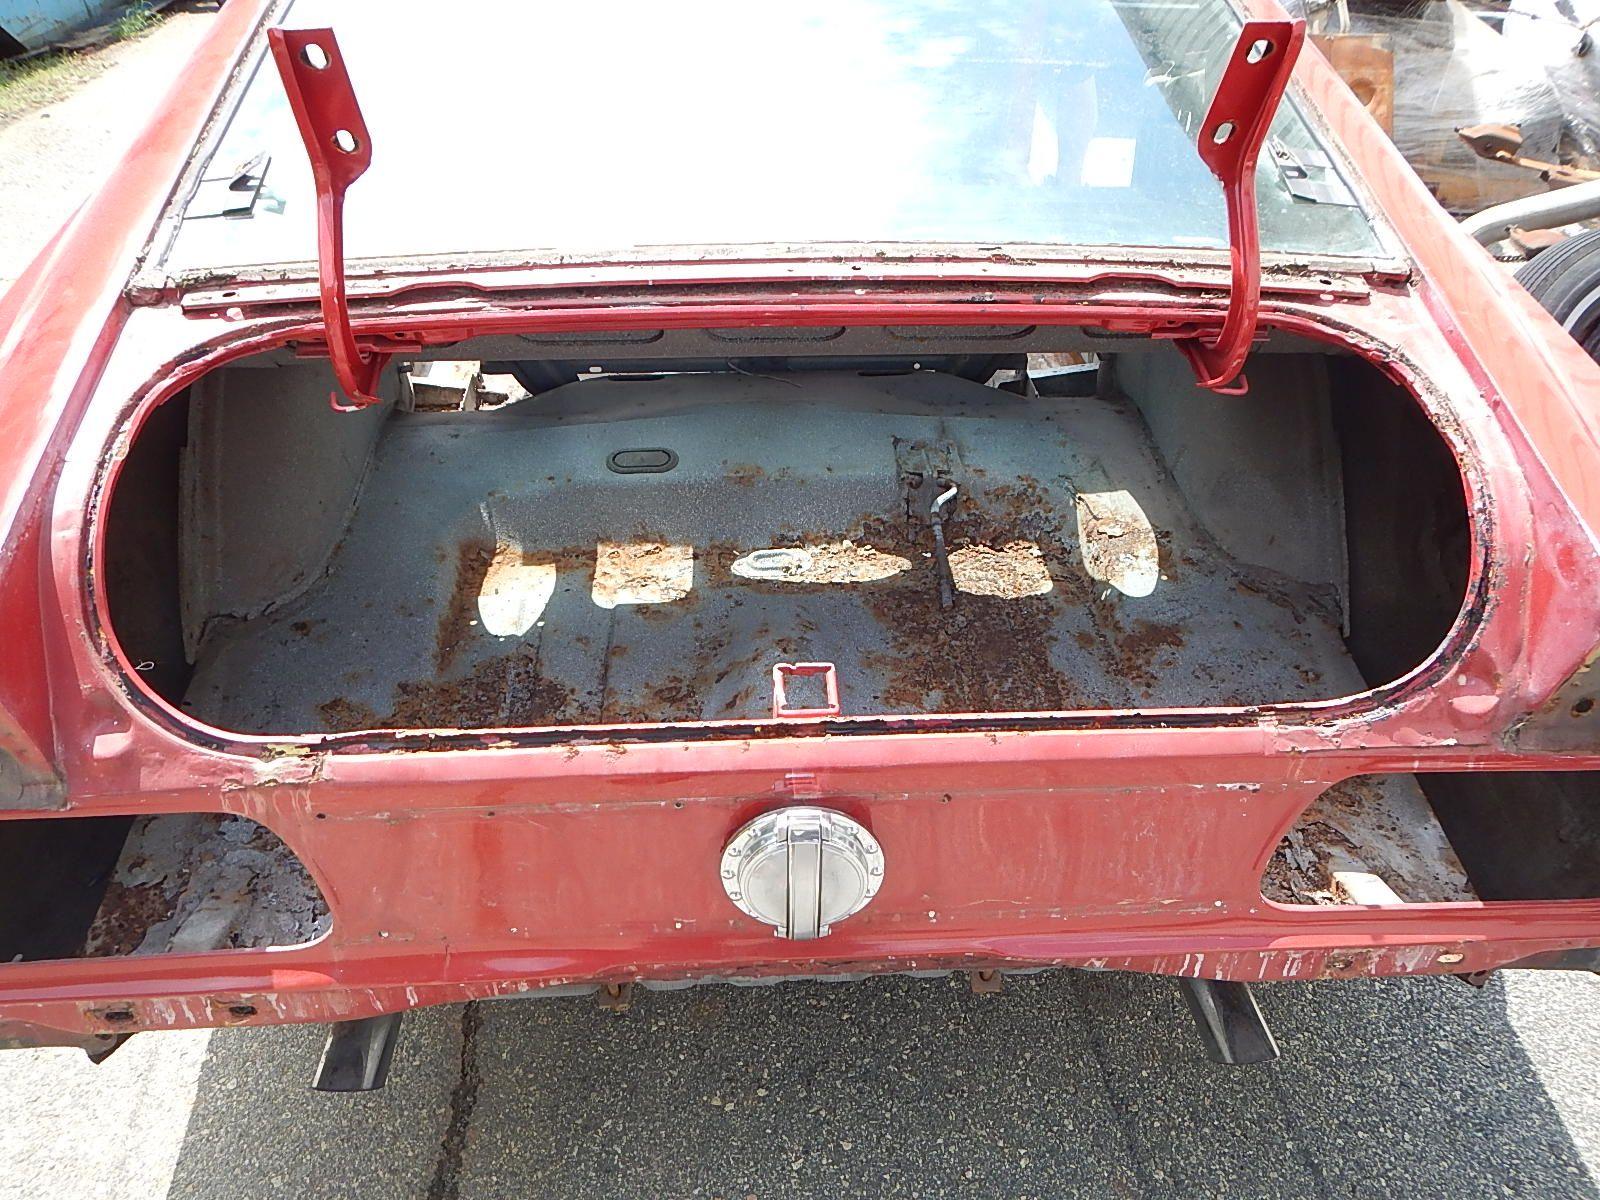 1971 Mustang 351 Restoration 131.jpg